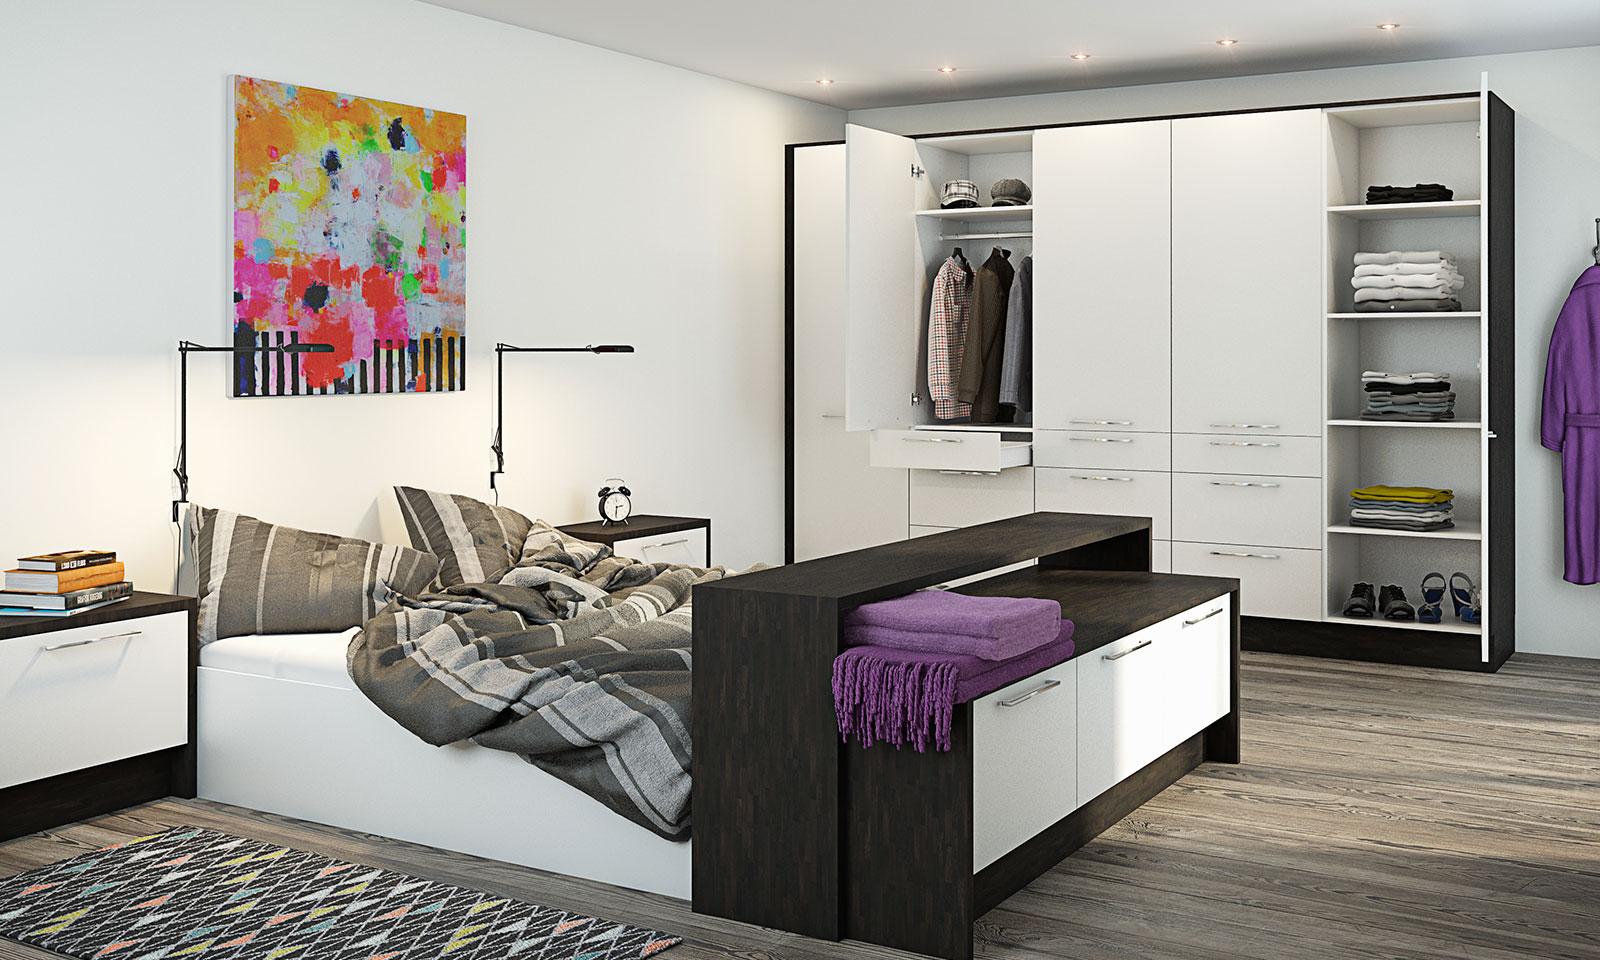 Garderobe soverom - Dusjkabinett med badekar for barn